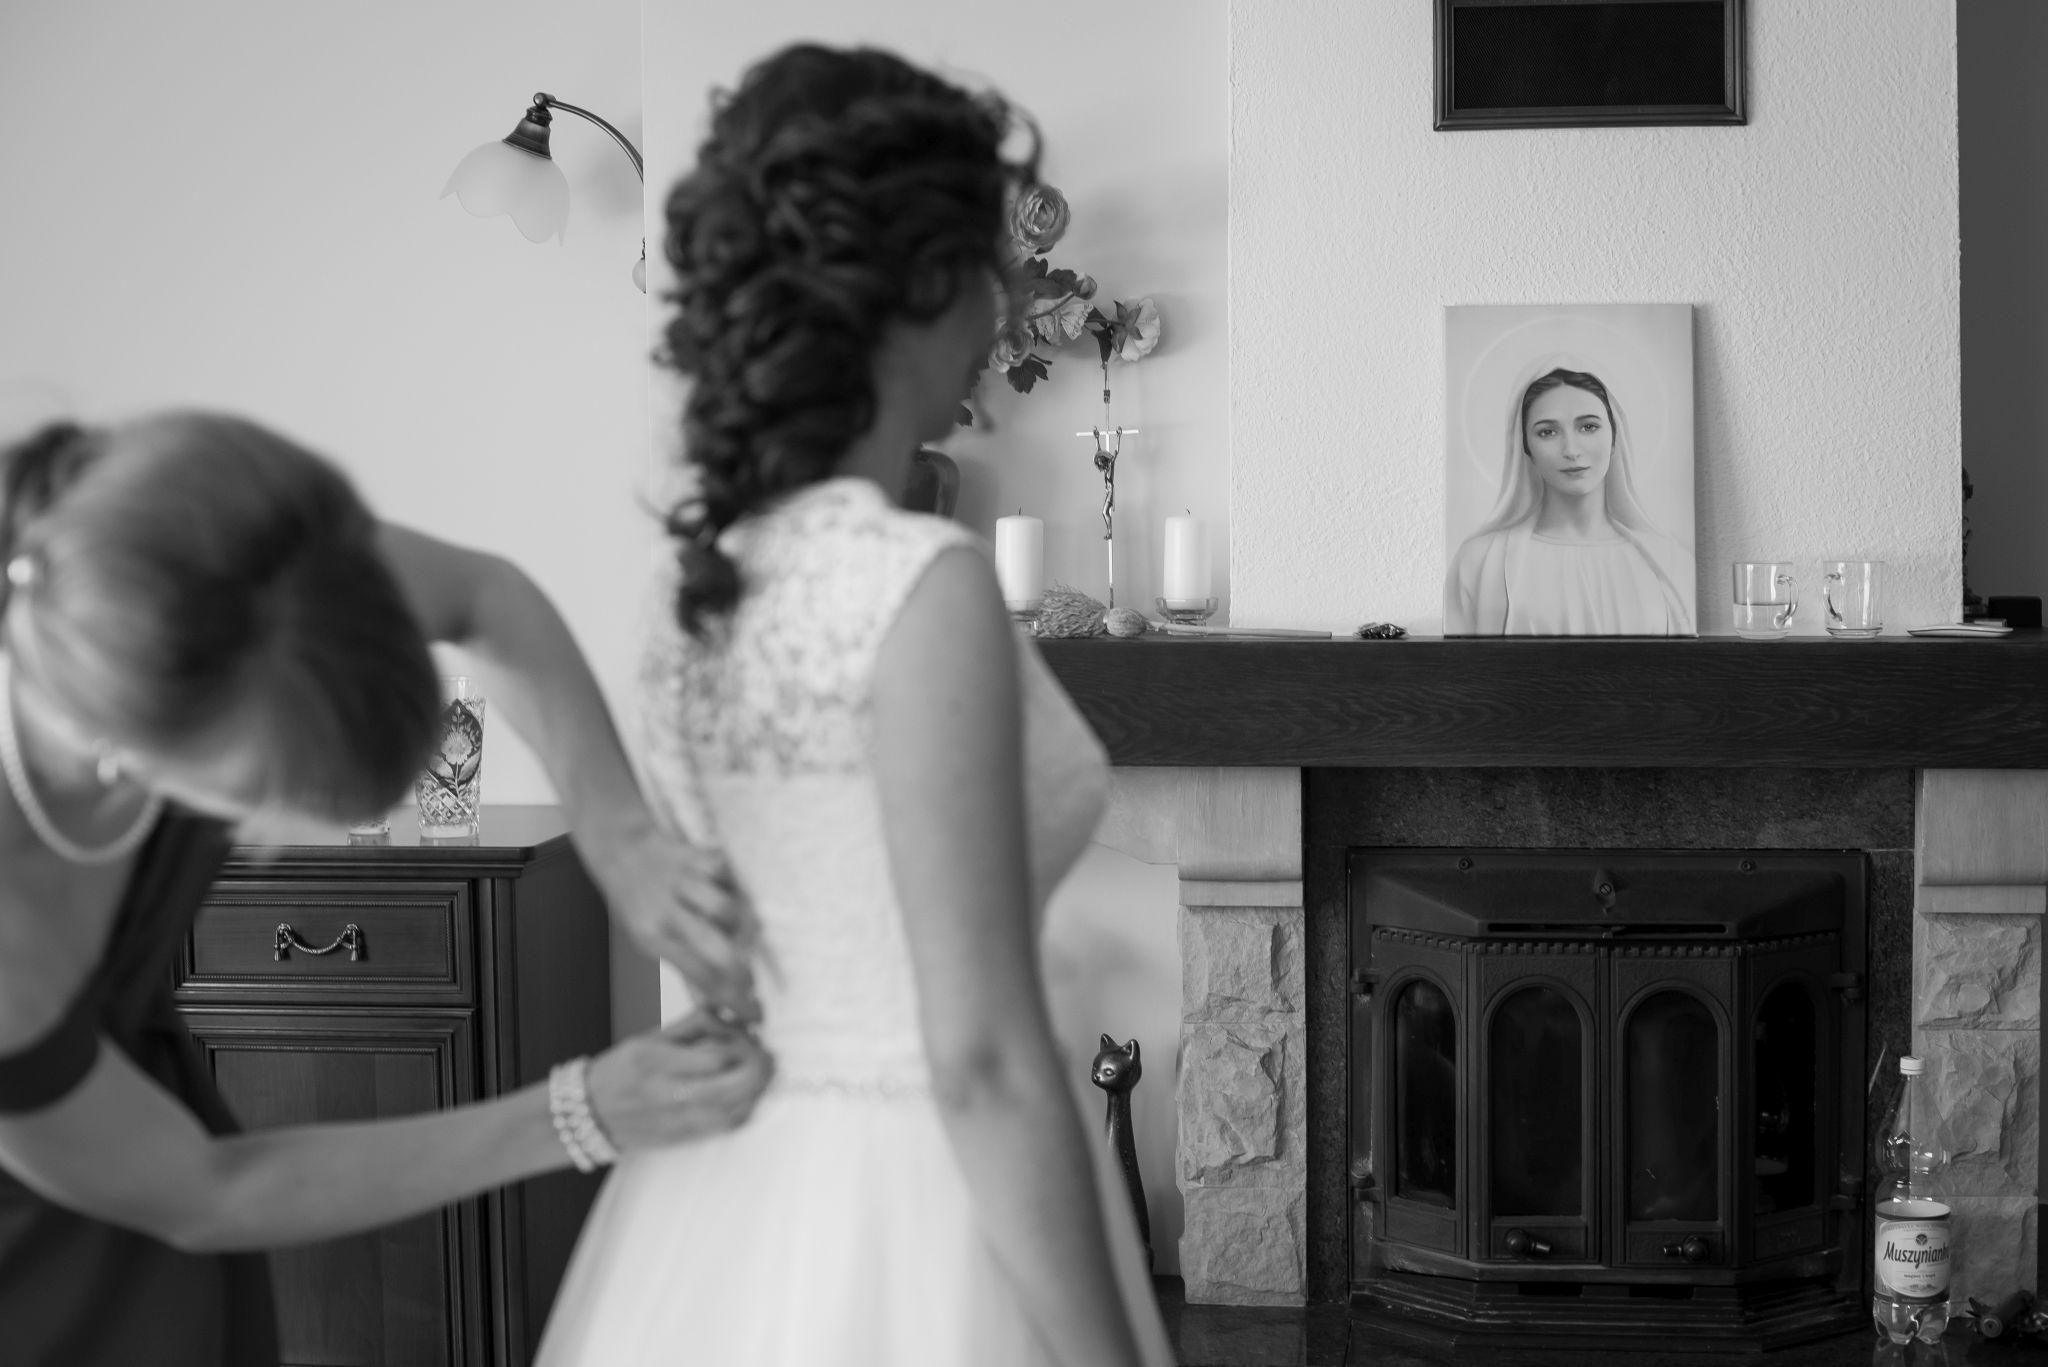 pani młoda zdjęcia ślubne